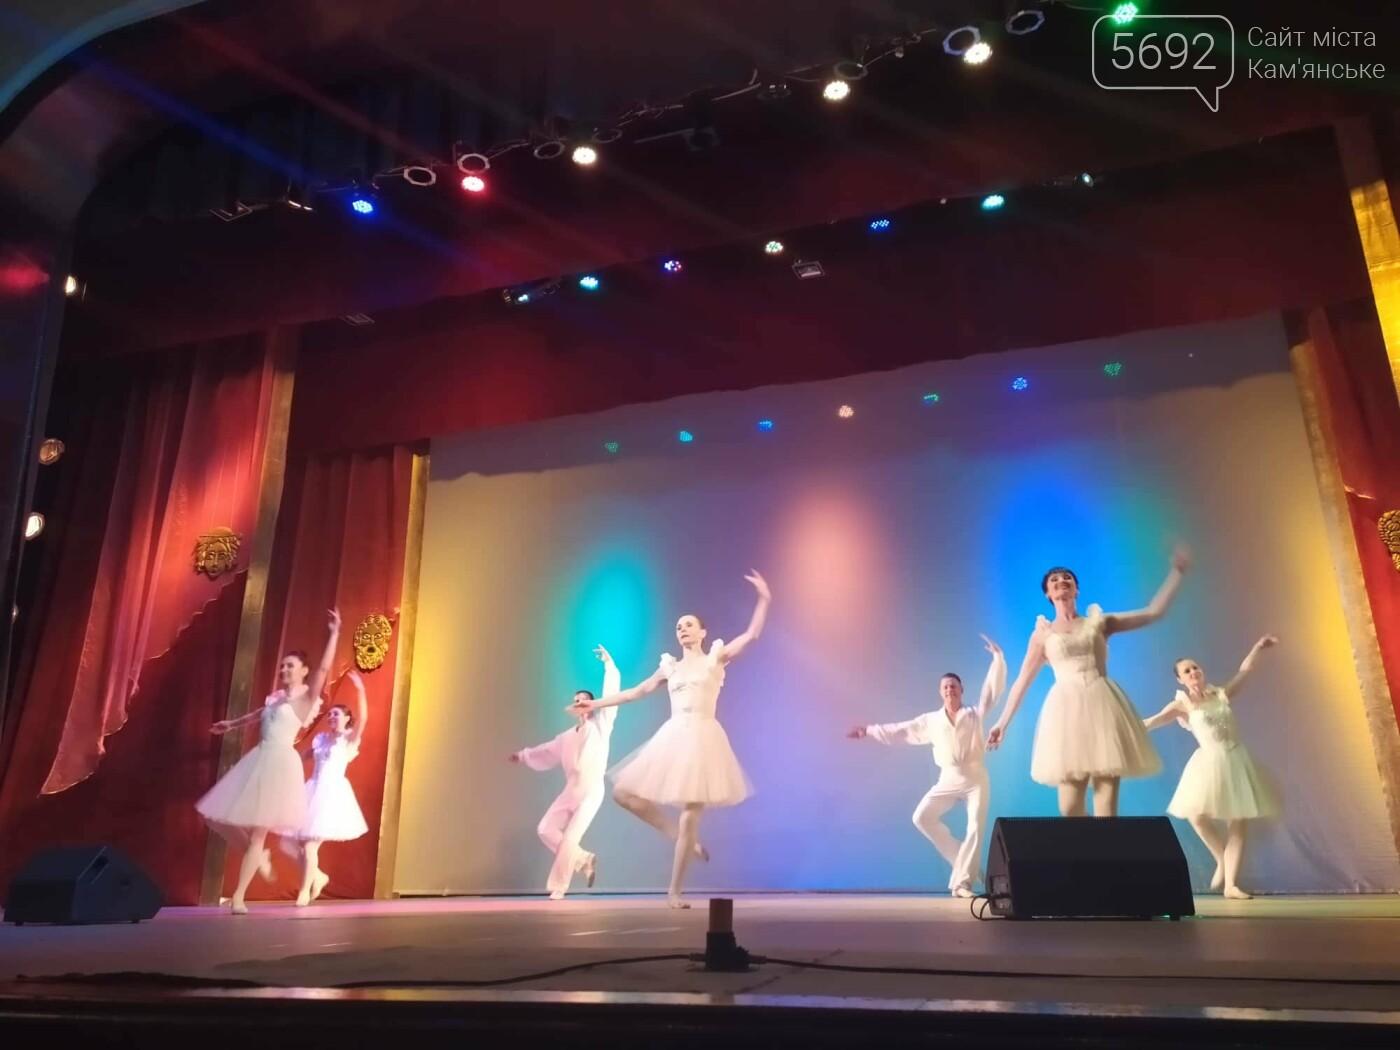 В Каменском театре концертом отметили юбилей главного режиссера, фото-5